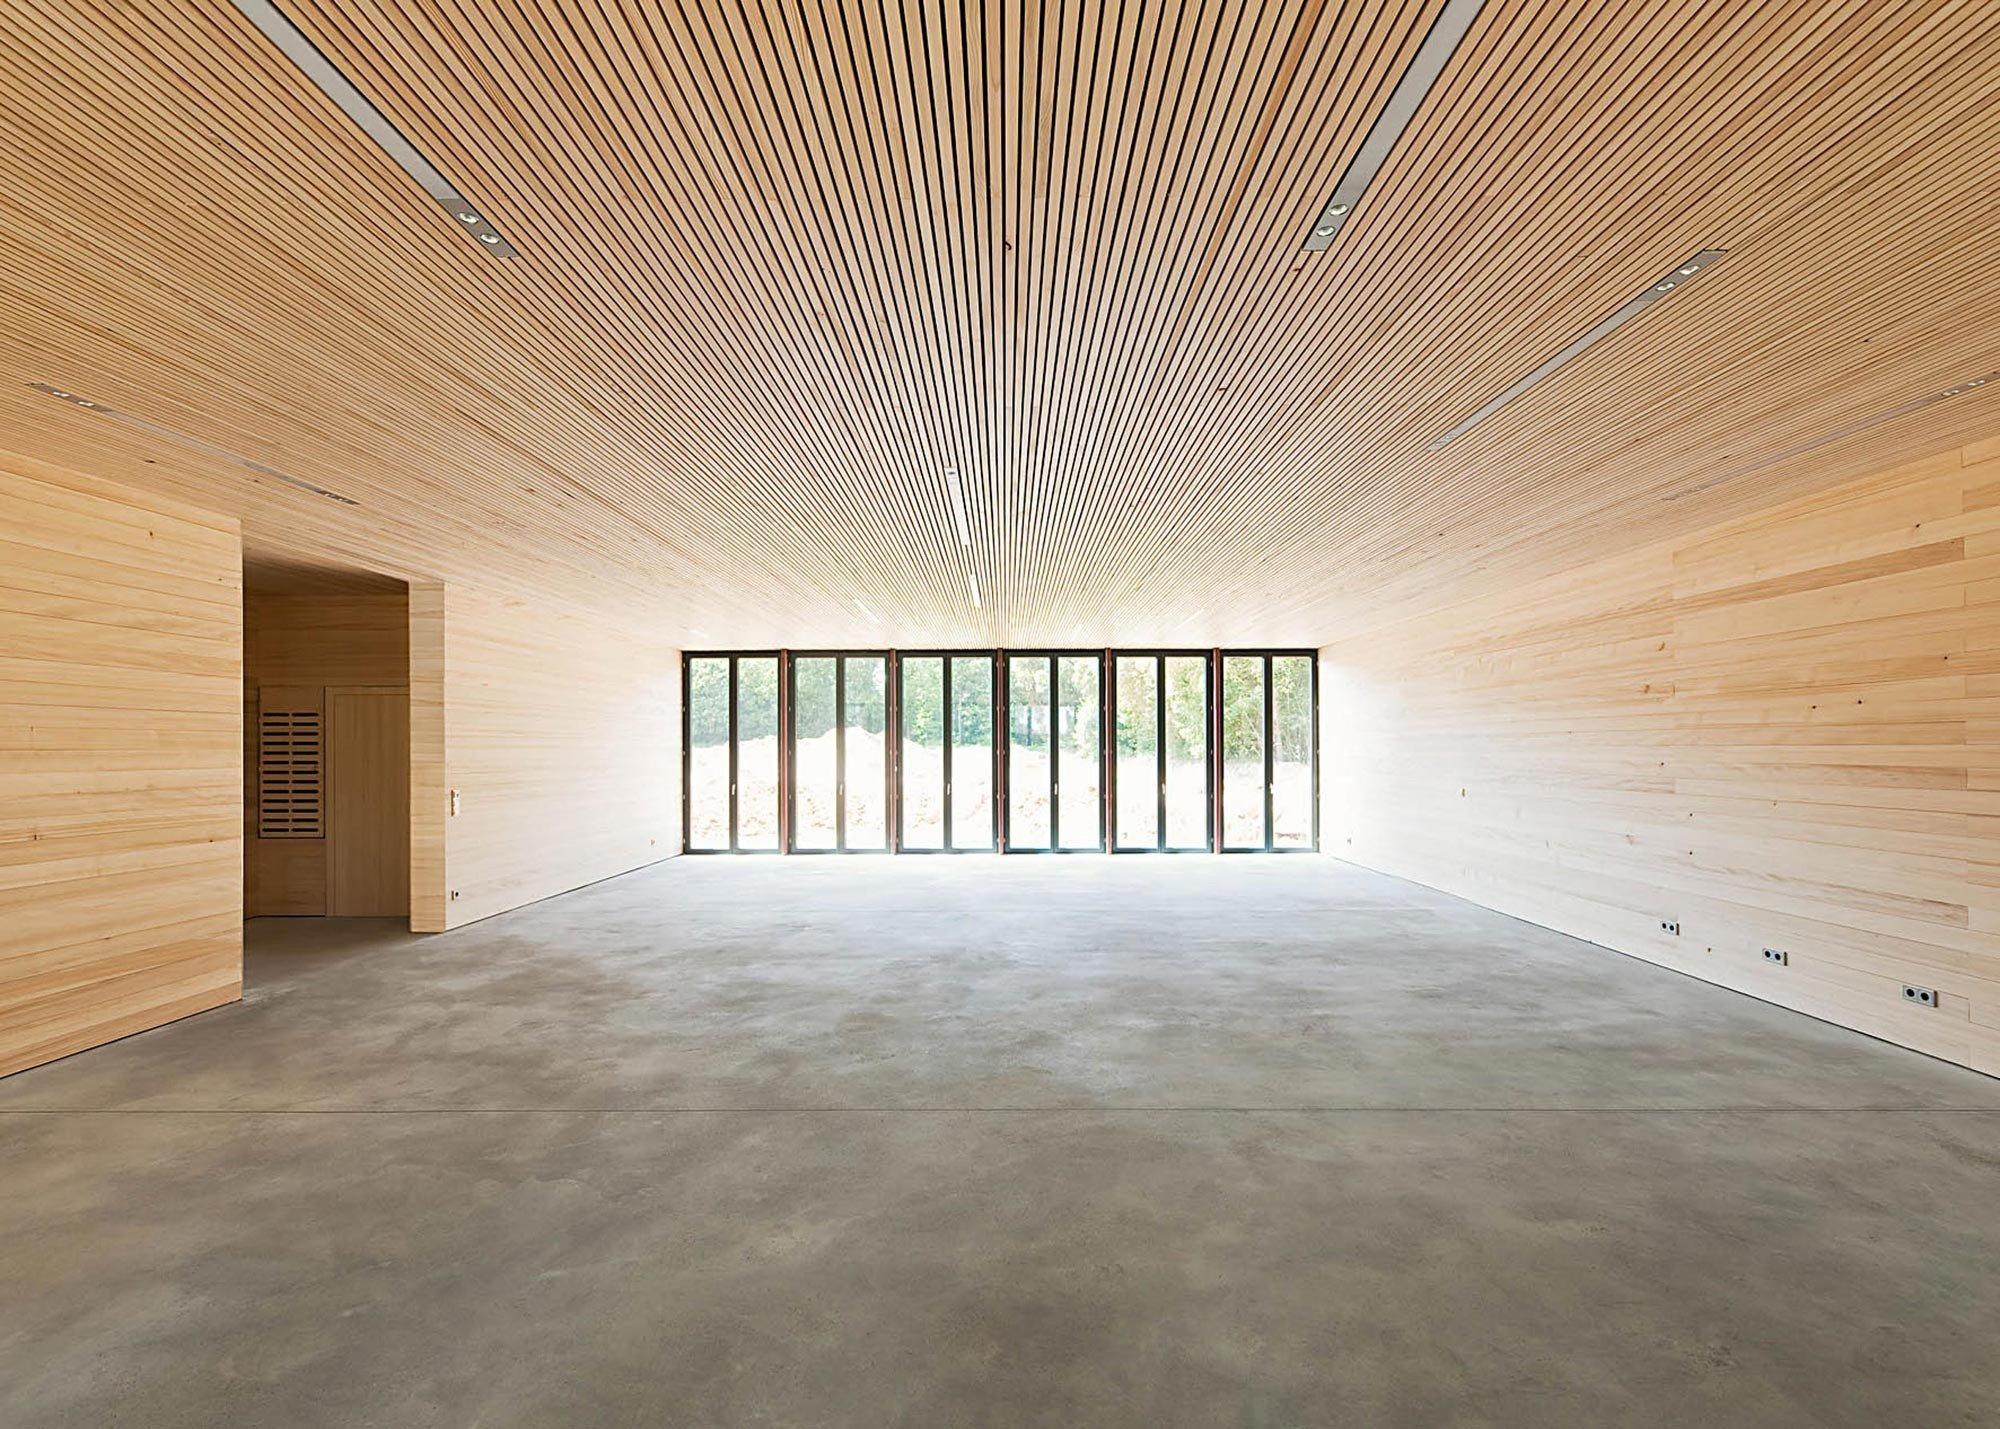 Holz Mainz bischöfliches jugendhaus don bosco in mainz heizung kultur